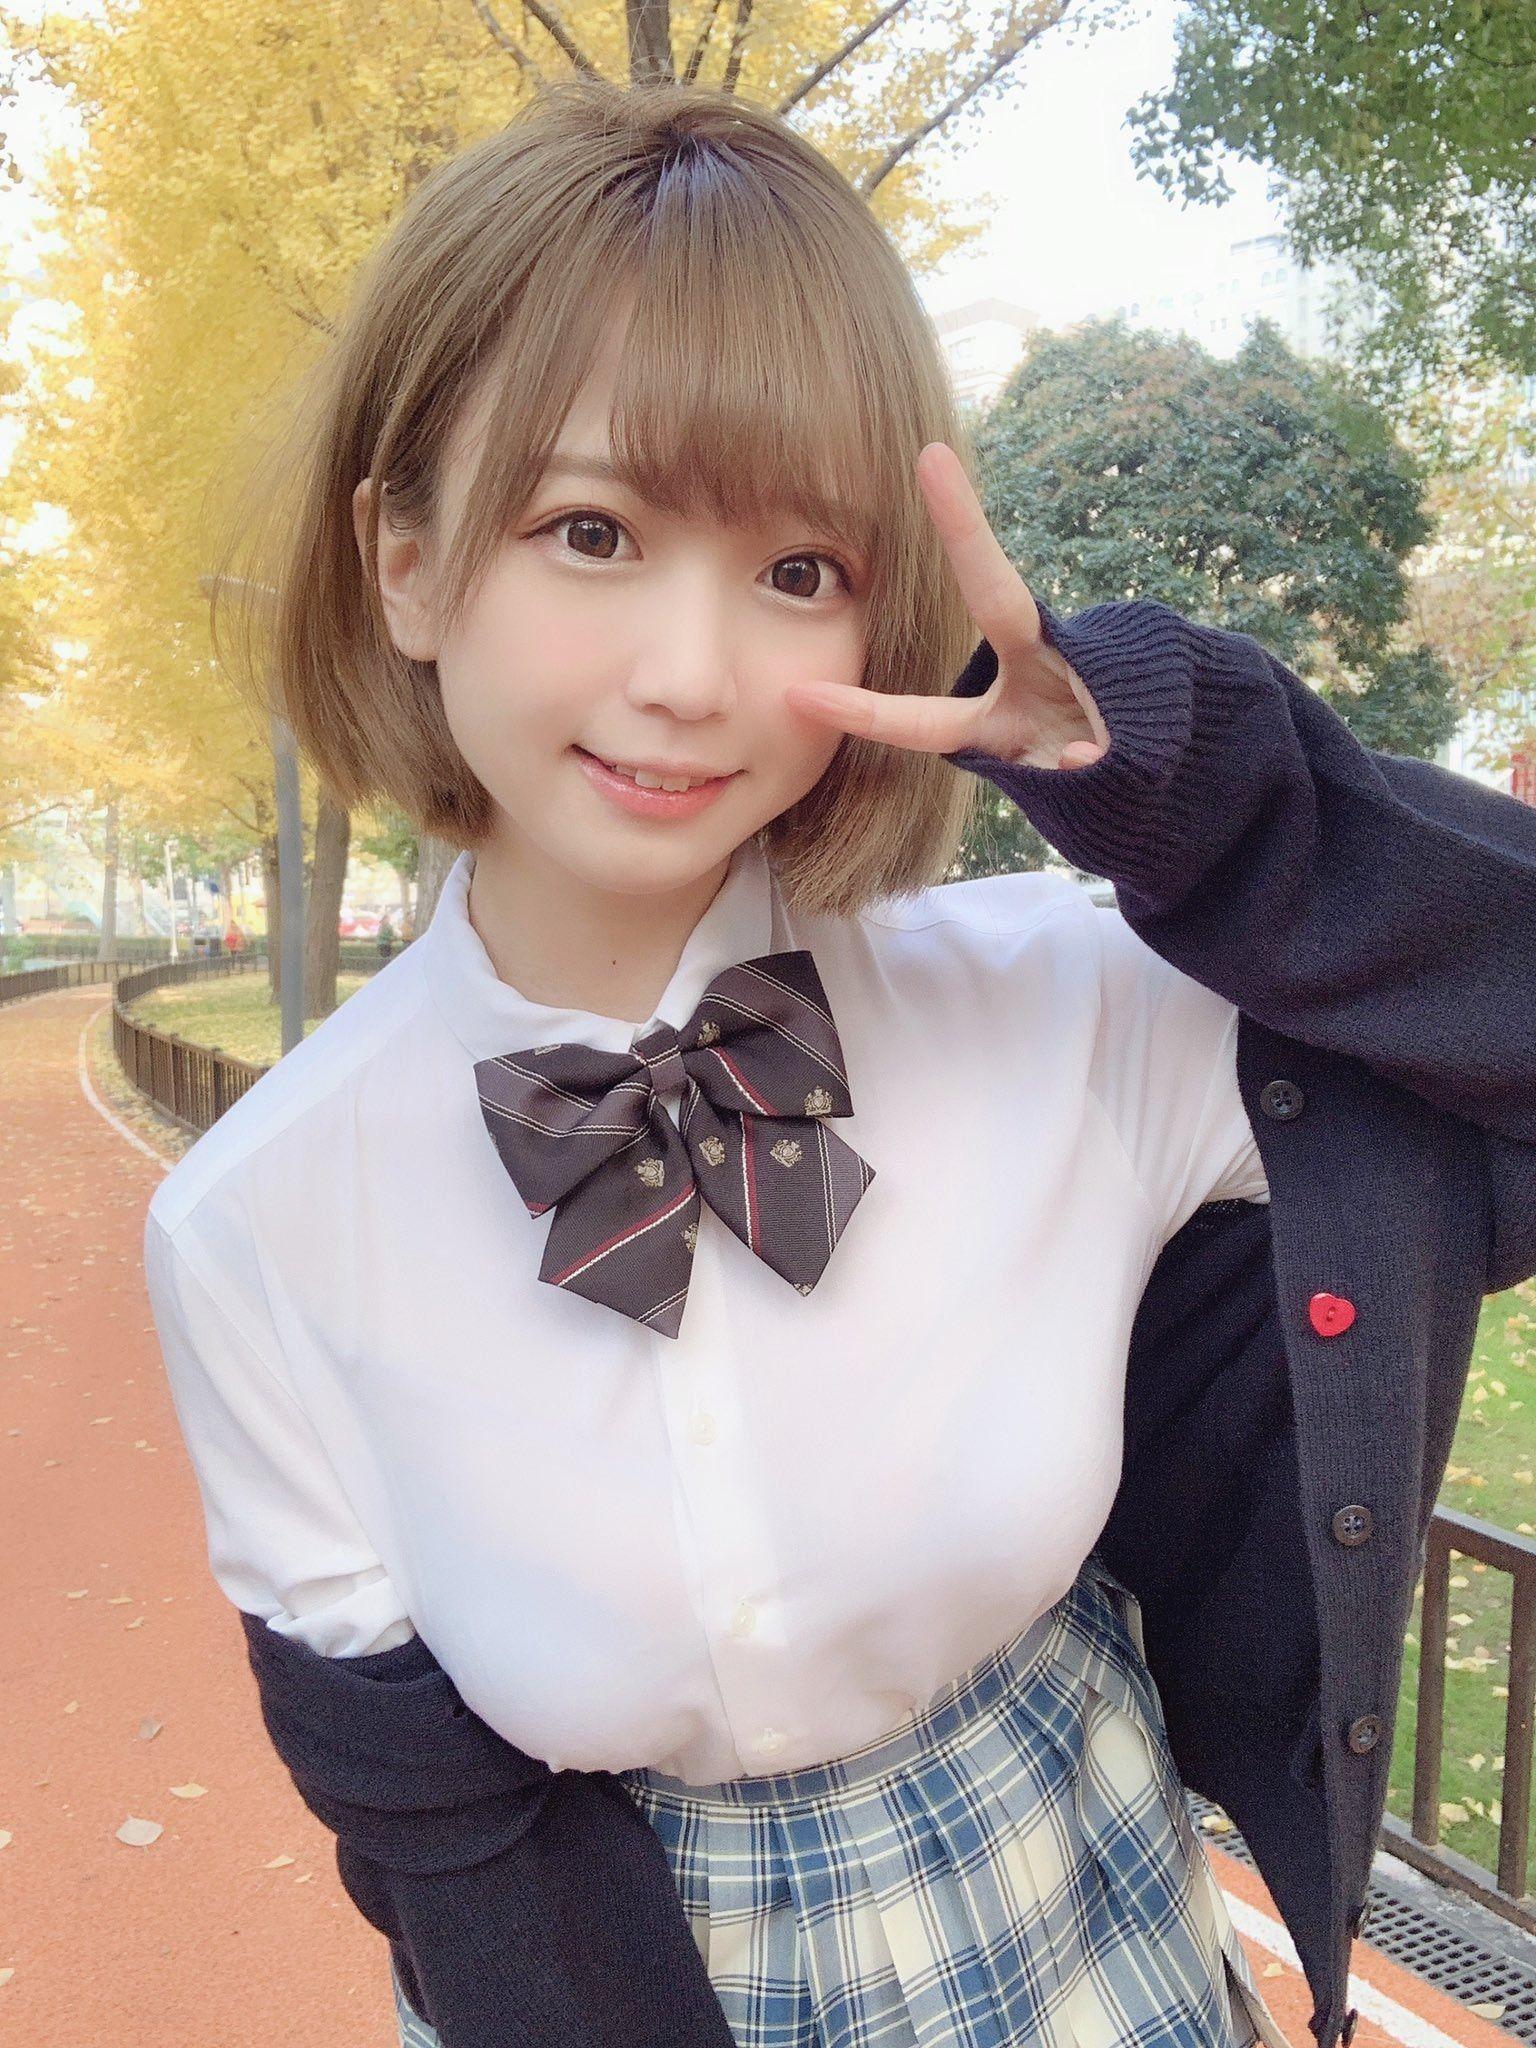 穿著格子裙的JK高中美少女 #制服美少女》#Cute #Girl #Pretty #Girls #漂亮 #可愛 #格子裙